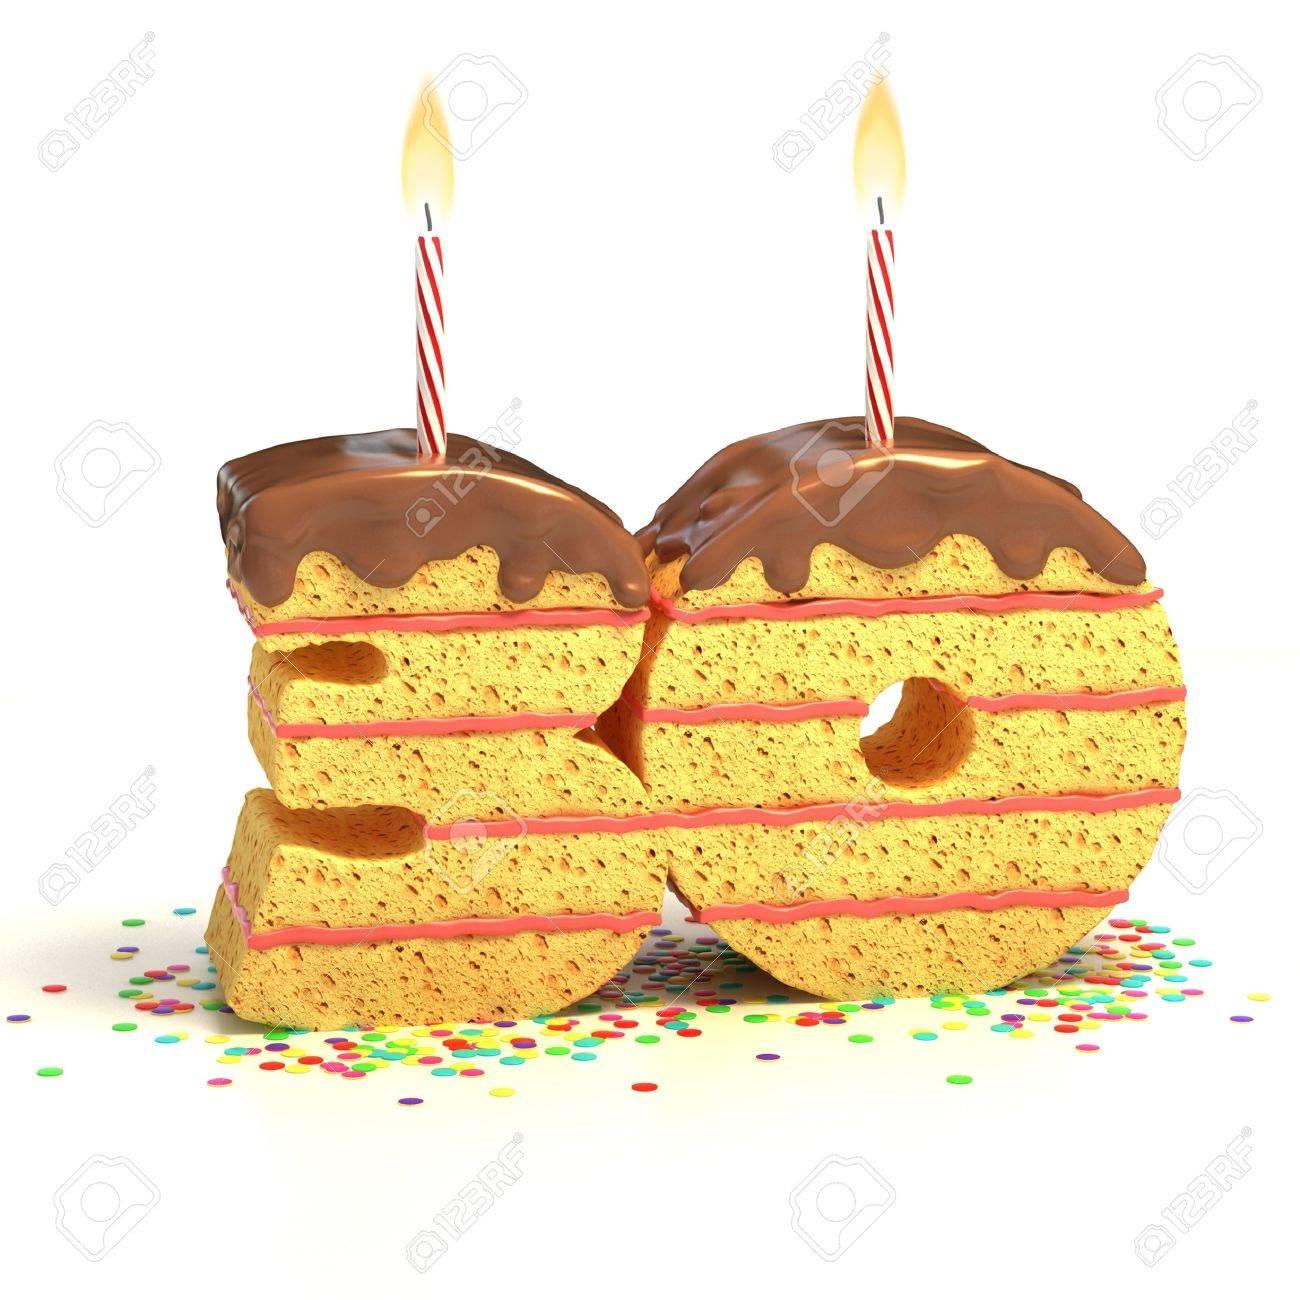 Chocolate Birthday Cake Von Konfetti Umgeben Mit Brennenden Kerze Fur Einen 30 Geburtstag Oder Jubilaum